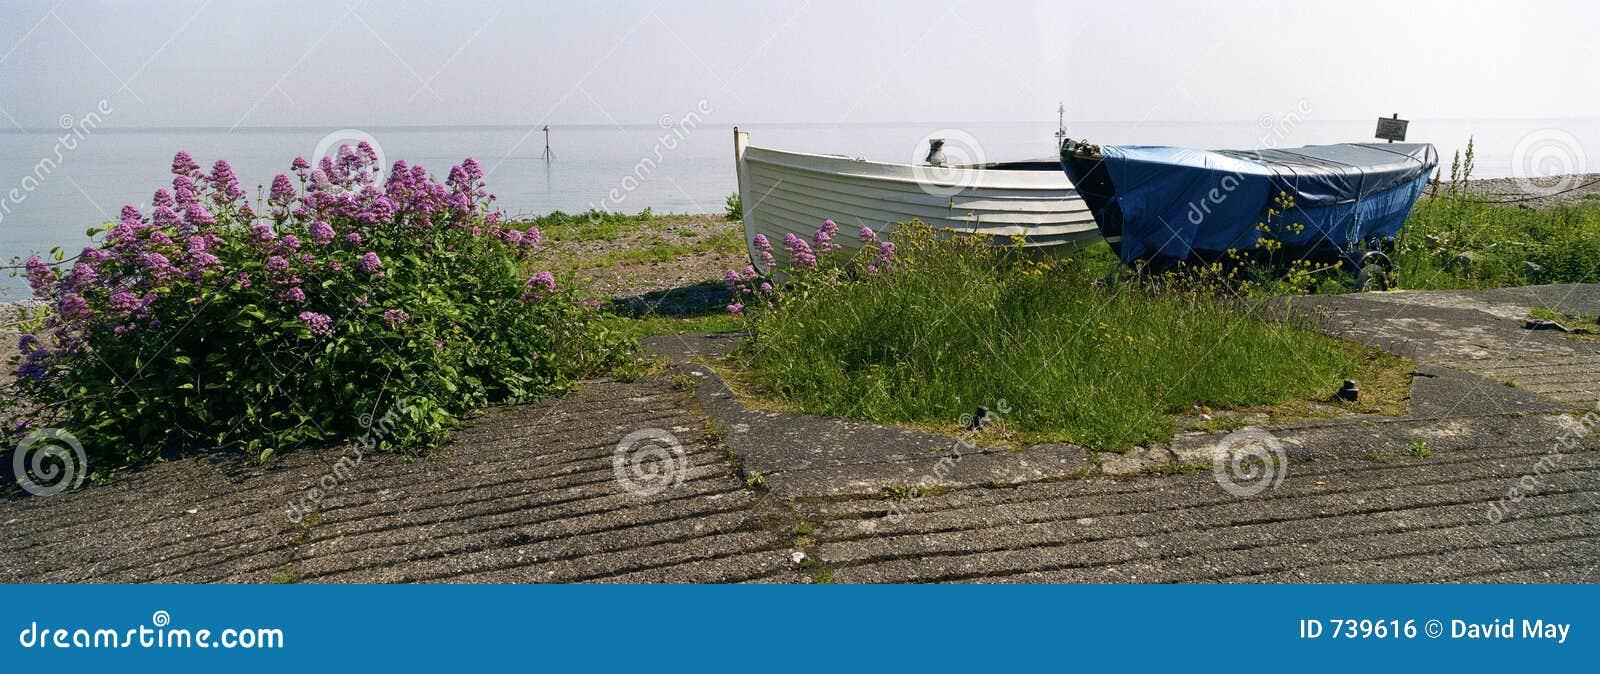 Entrée de la mine Angleterre de deux bateaux d aviron